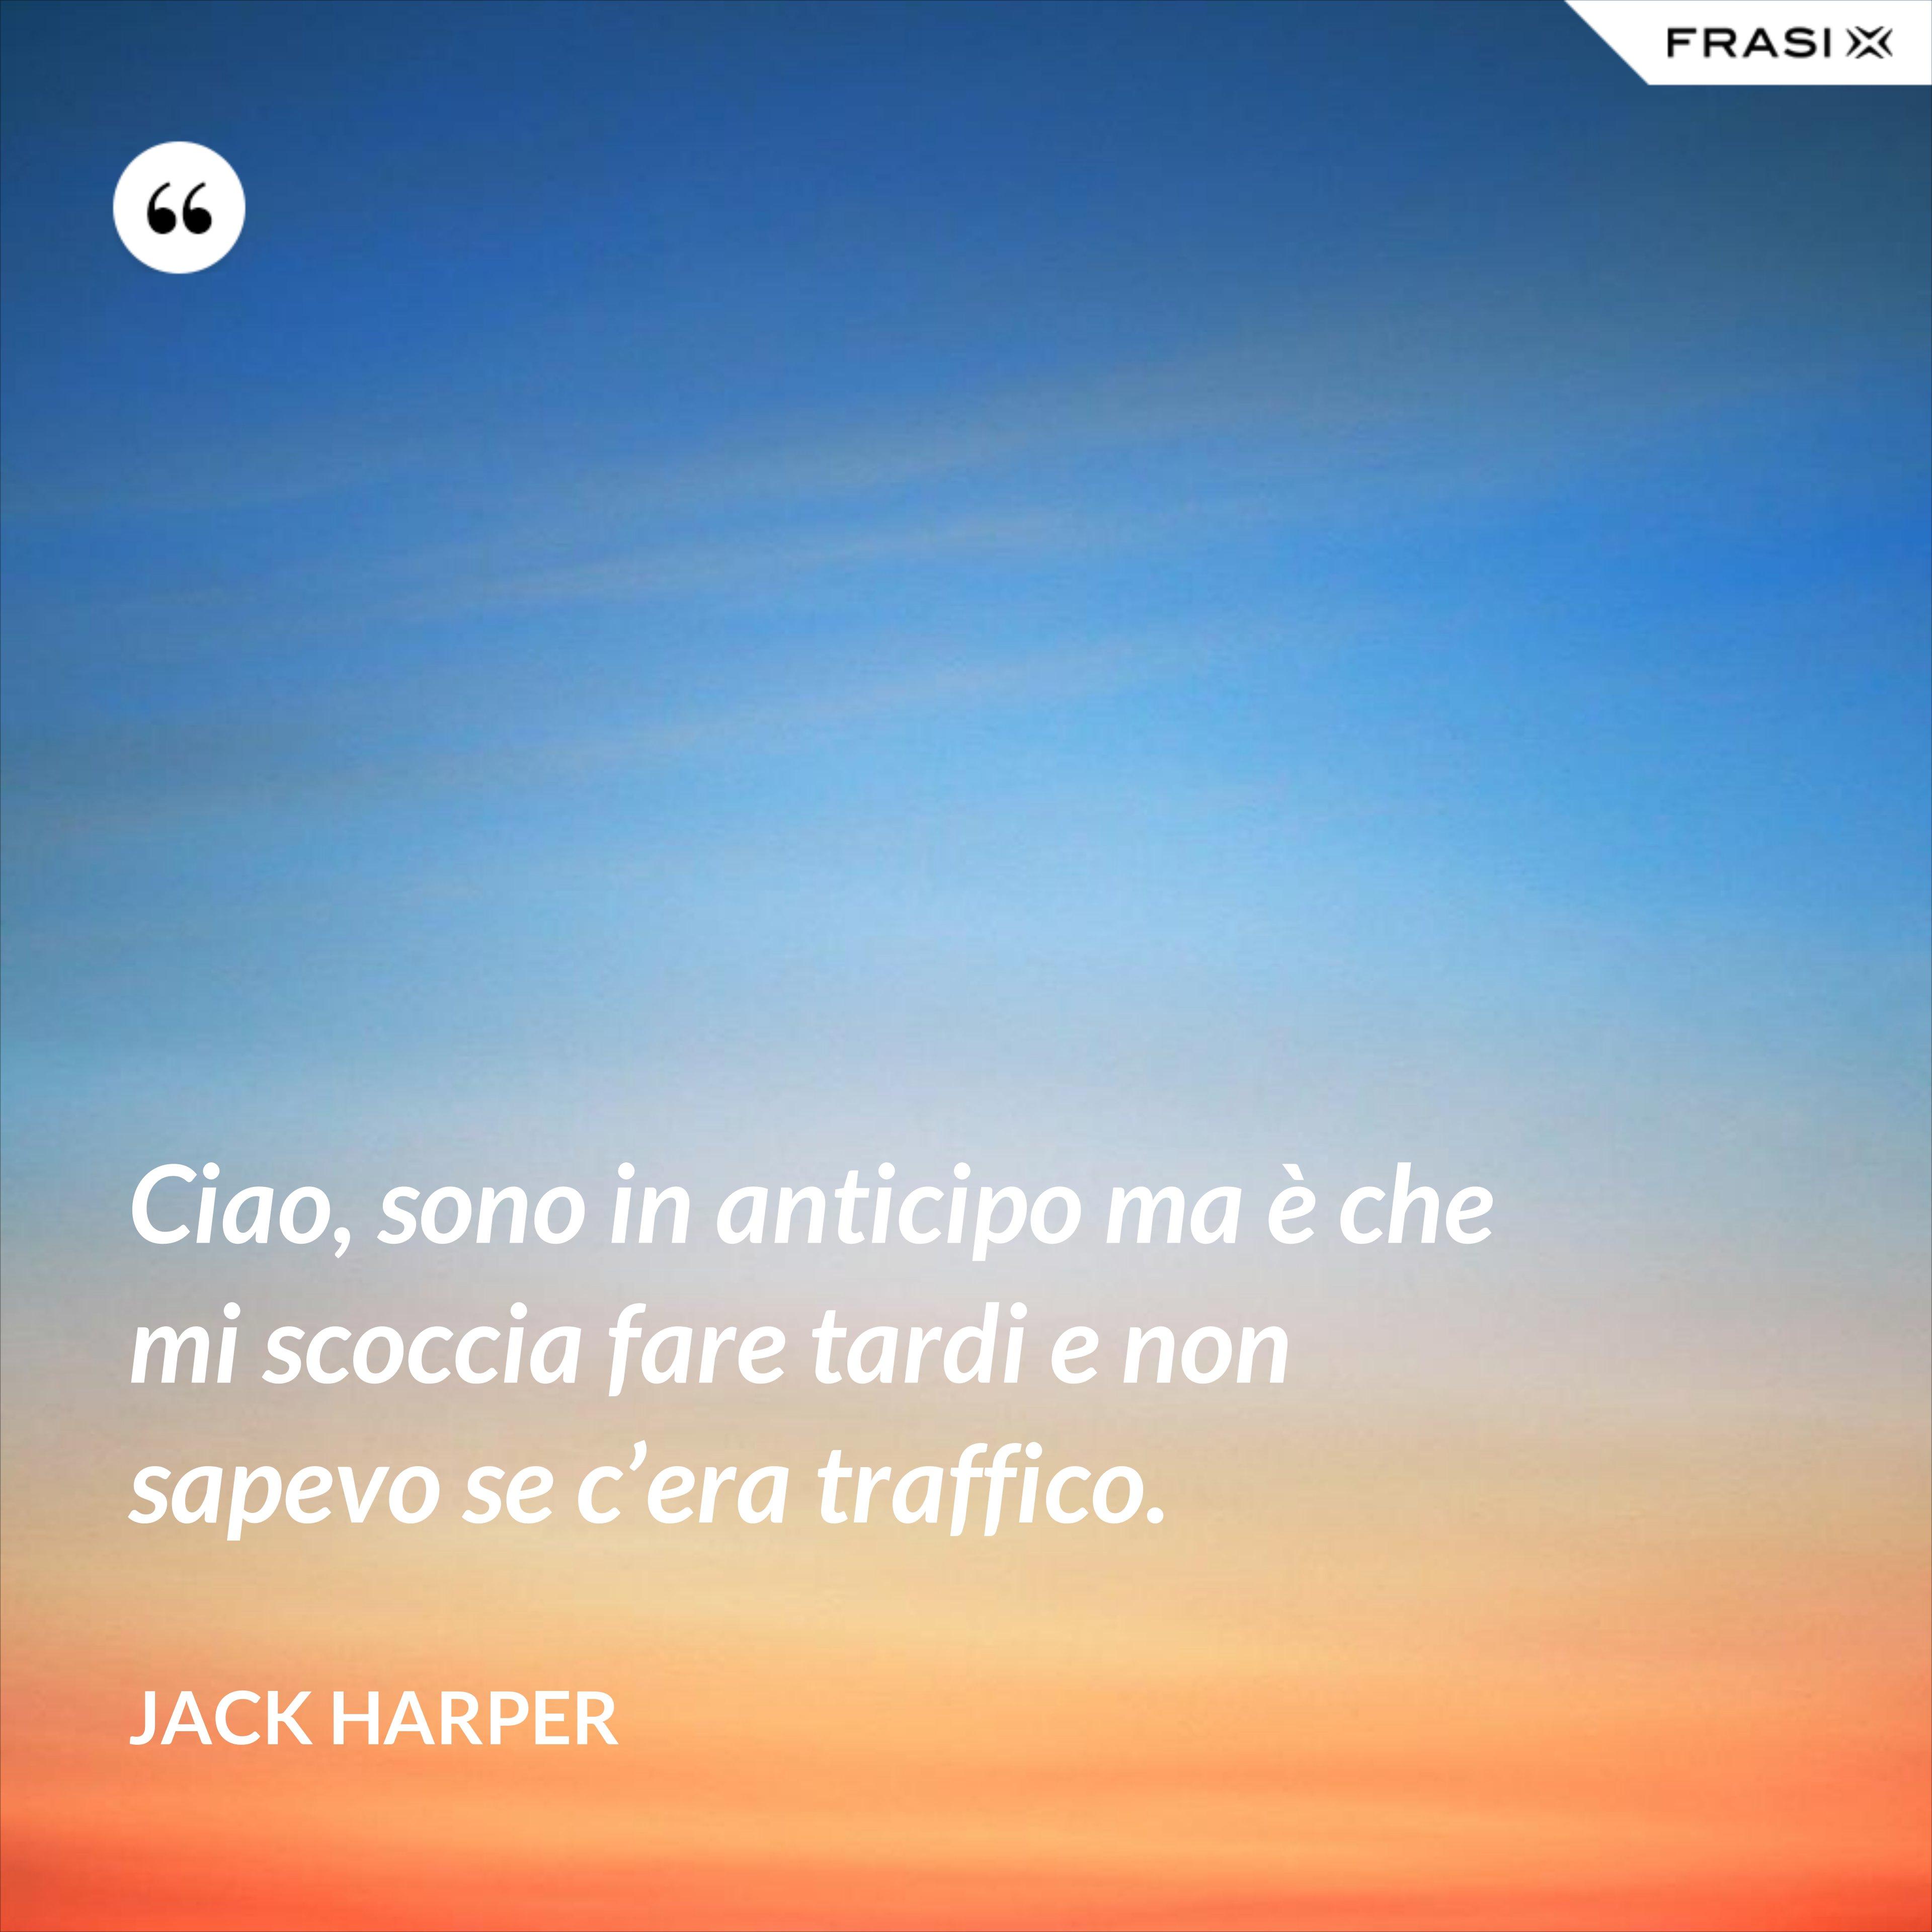 Ciao, sono in anticipo ma è che mi scoccia fare tardi e non sapevo se c'era traffico. - Jack Harper